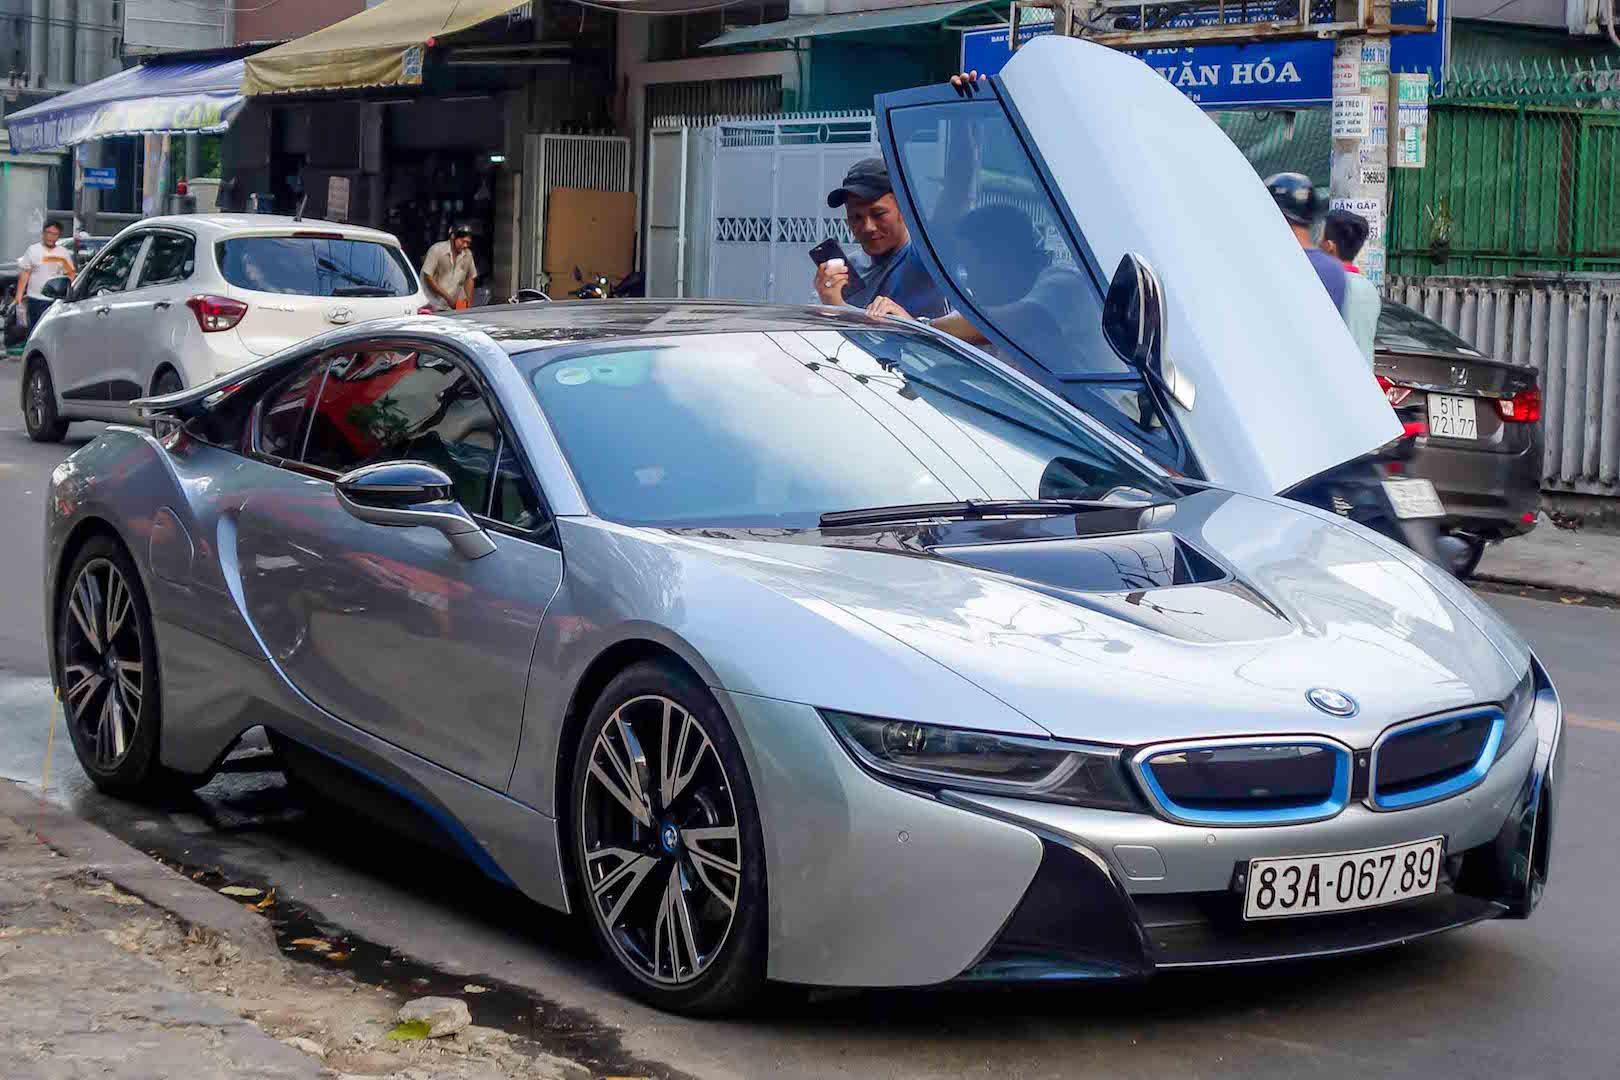 Loạt ôtô sẽ dừng sản xuất trong năm 2021 - Ảnh 5.